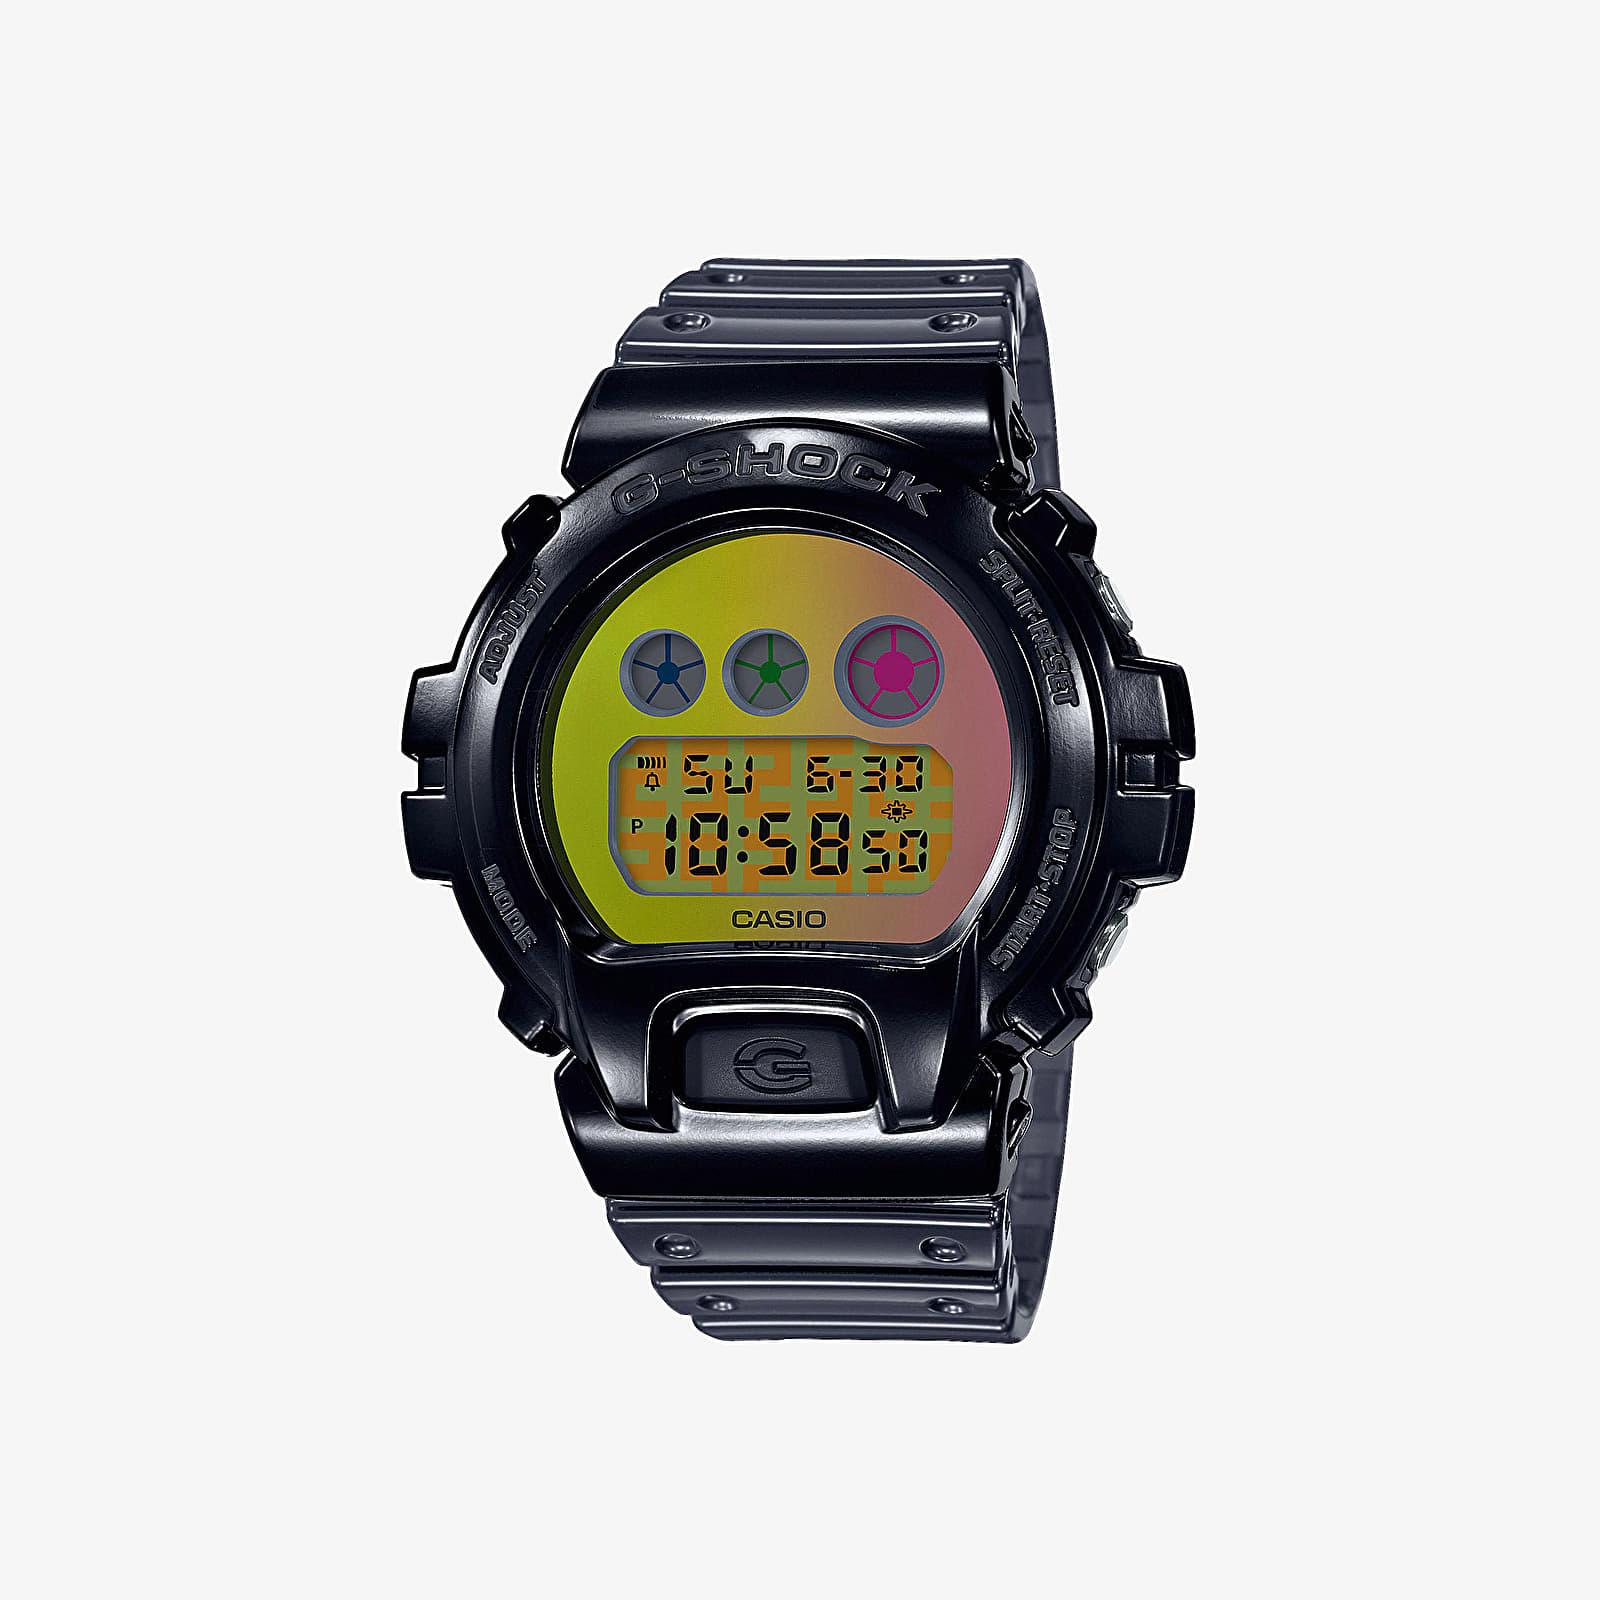 Zegarki Casio G-Shock 25th Anniversary Limited Edition DW-6900SP-1ER Watch Black